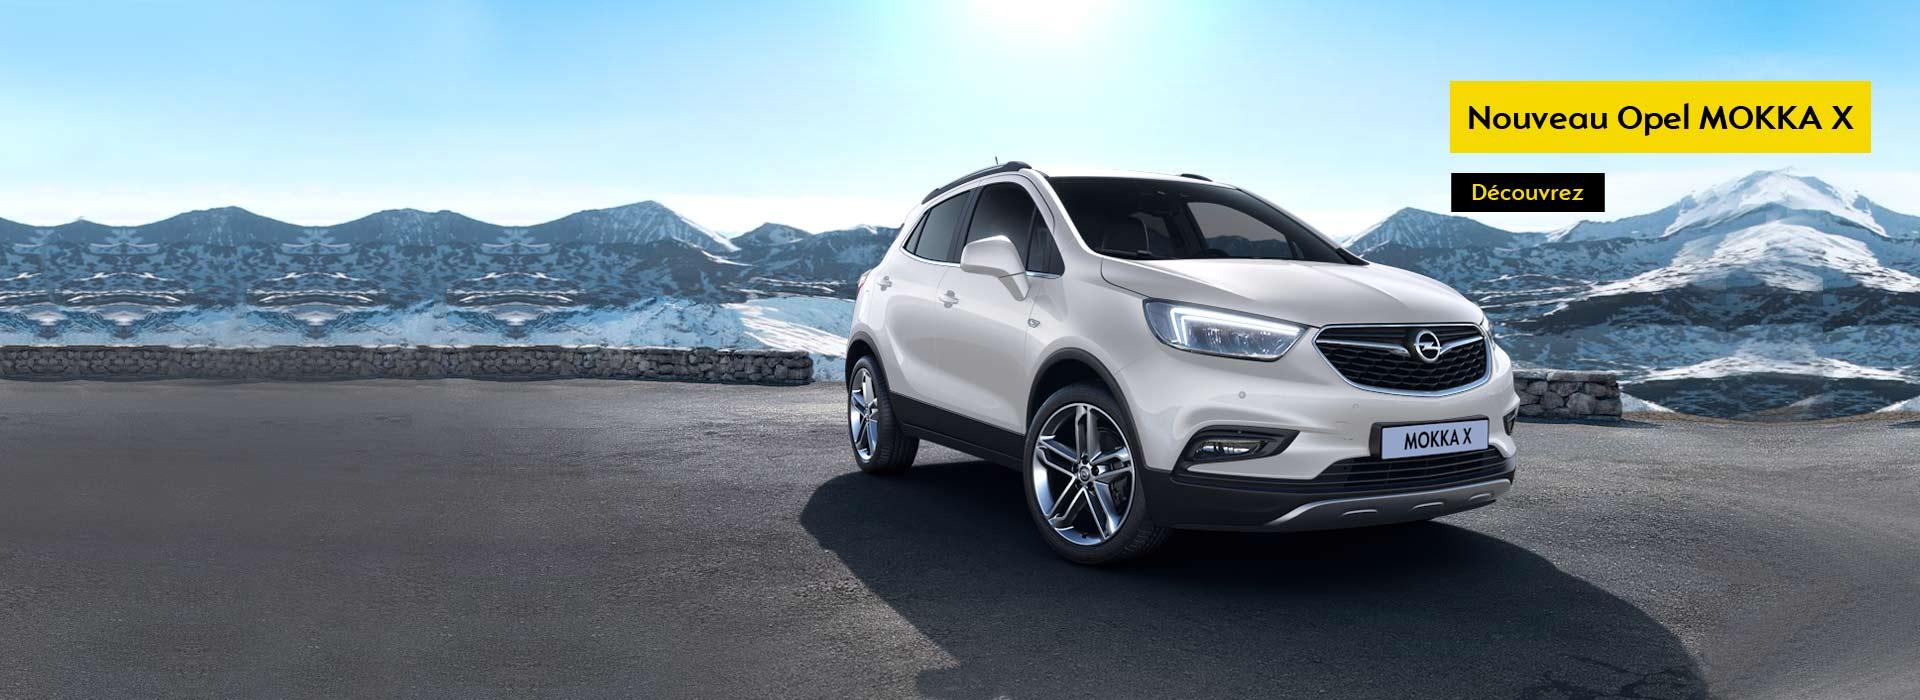 Opel annemasse concessionnaire garage haute savoie 74 for Garage peugeot haute savoie